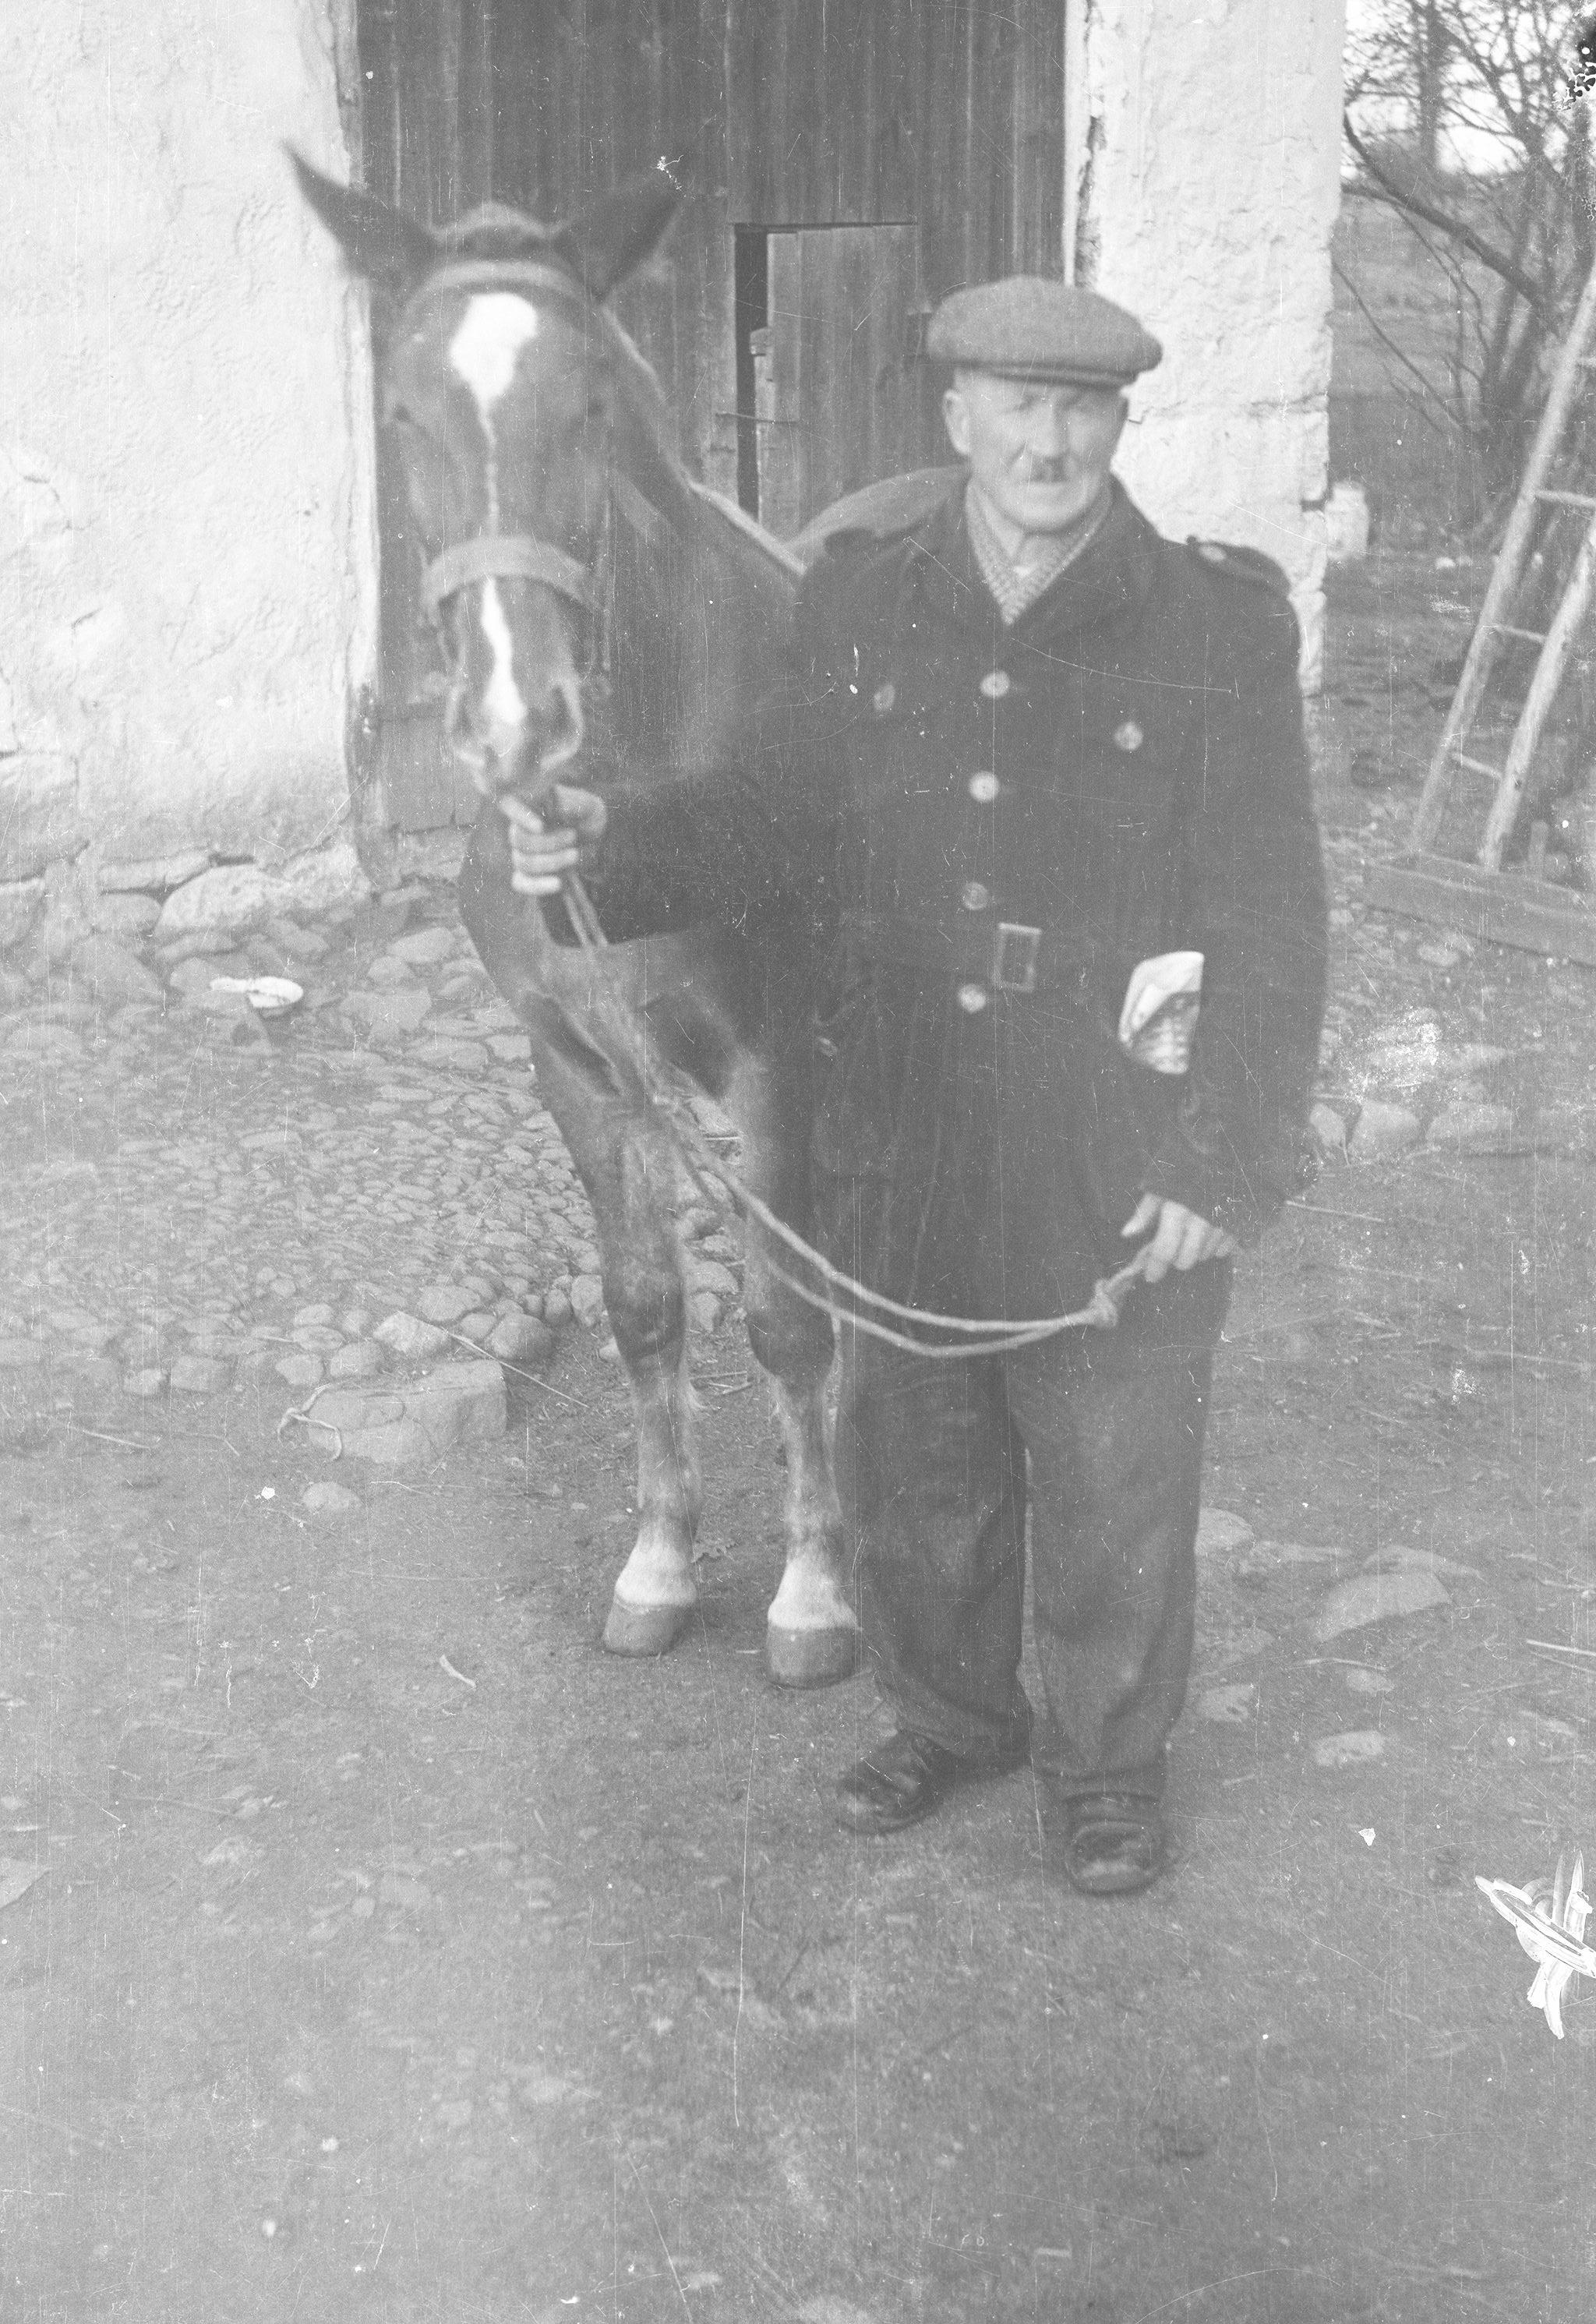 Władysław Czyżowicz z koniem, Brzózka, Dolny Śląsk, lata 50. XX w.